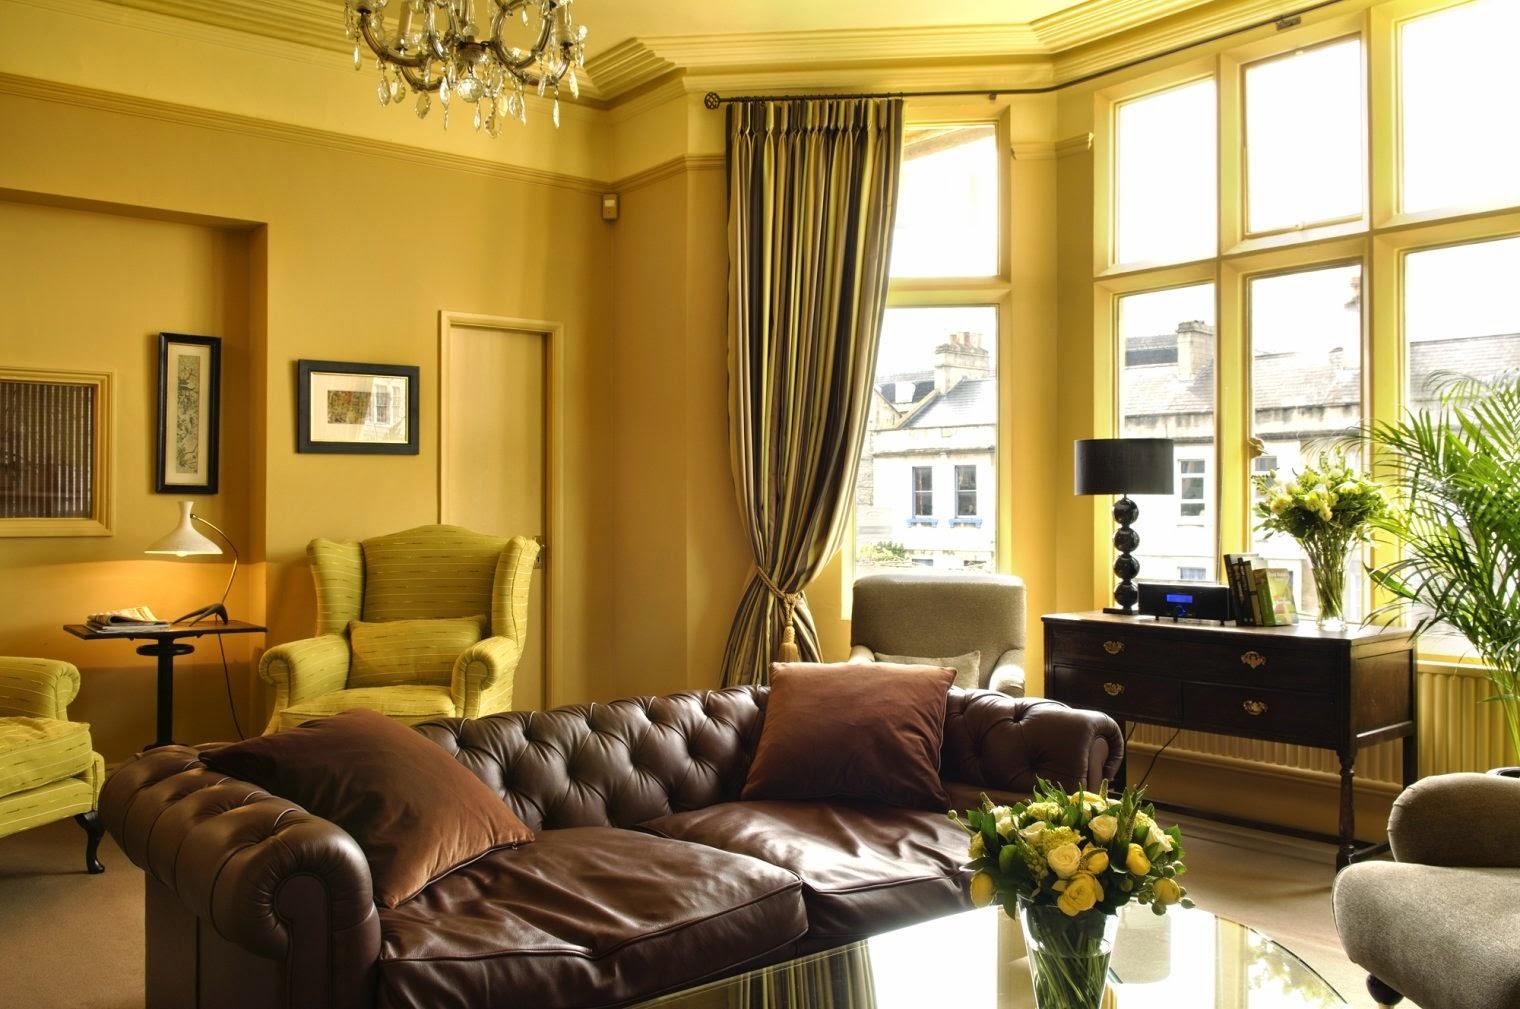 Salas en marrn y amarillo  Salas con estilo